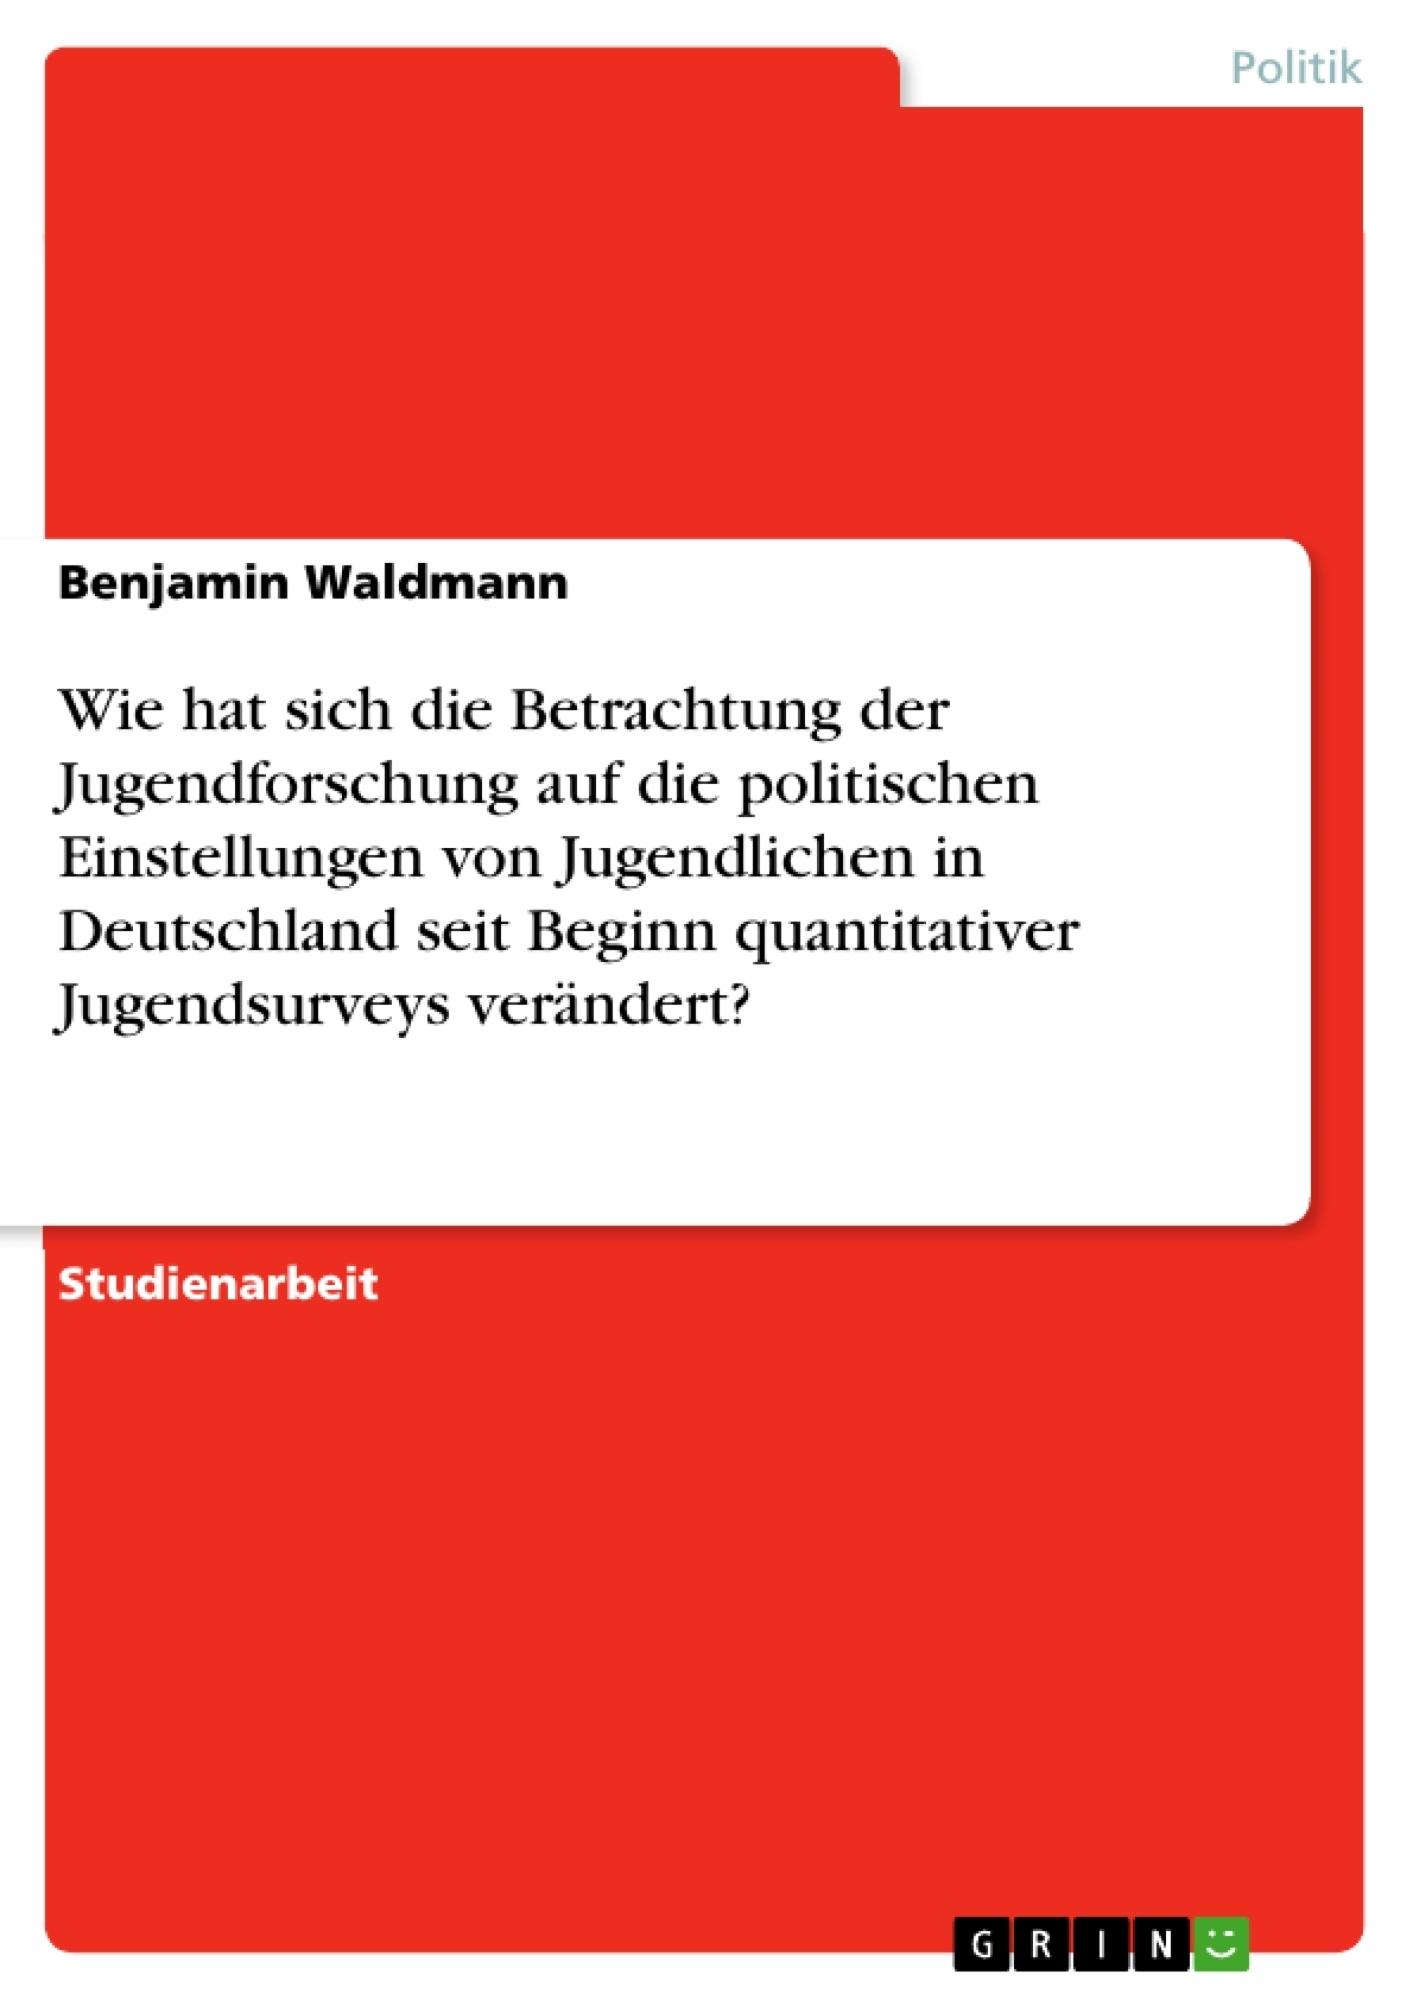 Titel: Wie hat sich die Betrachtung der Jugendforschung auf die politischen Einstellungen von Jugendlichen in Deutschland seit Beginn quantitativer Jugendsurveys verändert?